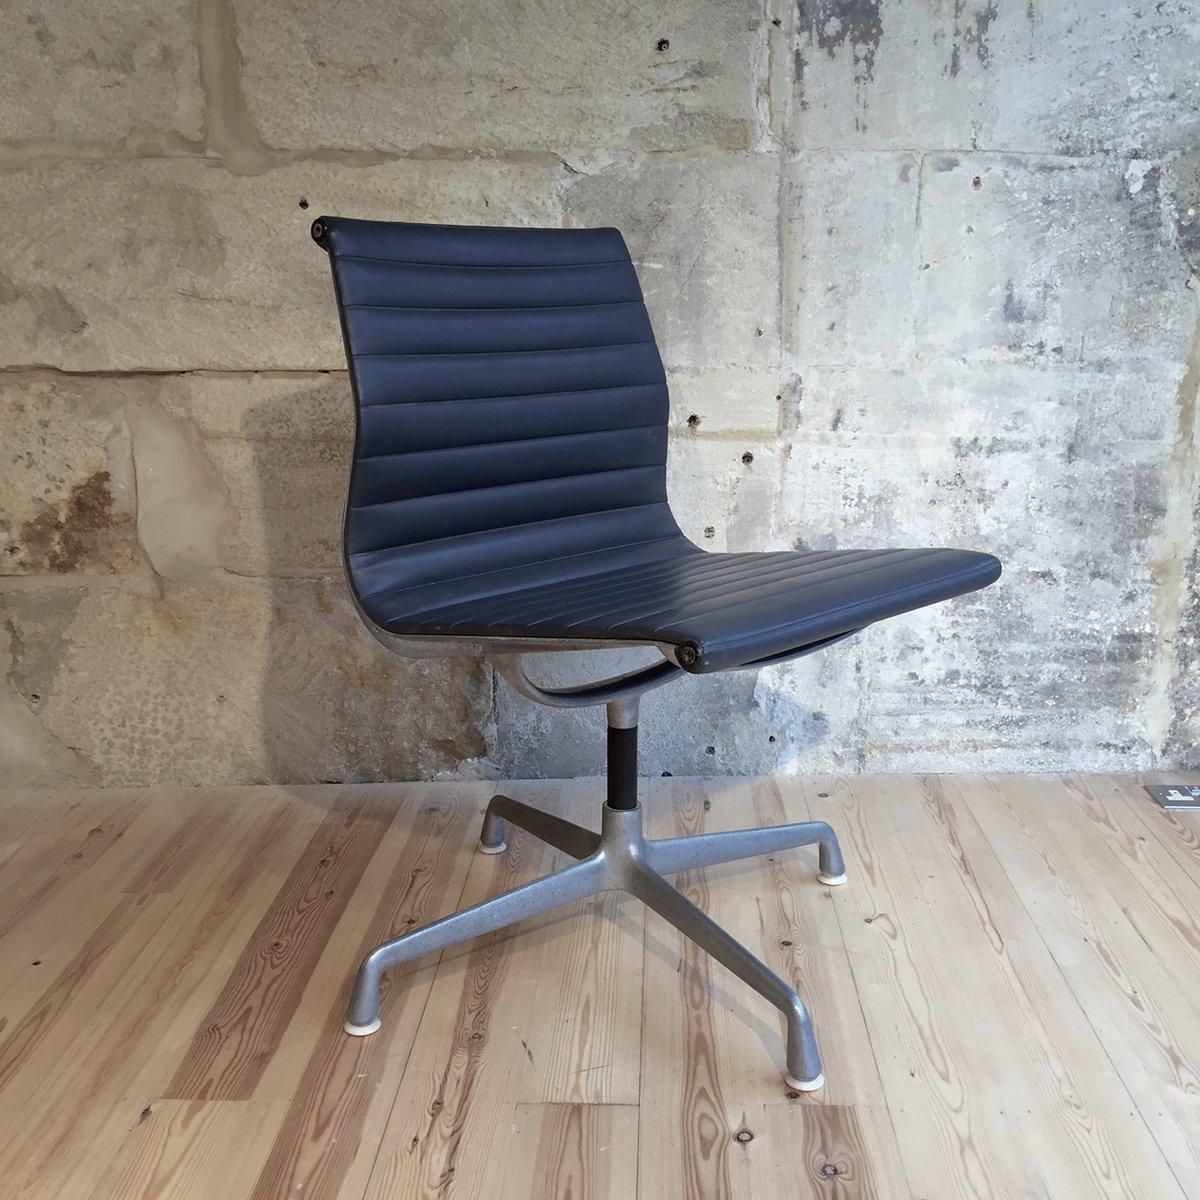 Perfekt Schreibtischstuhl Ea108 Aluminum Schreibtischstuhl Von Herman Miller F R  For Eames Chair Schreibtischstuhl .